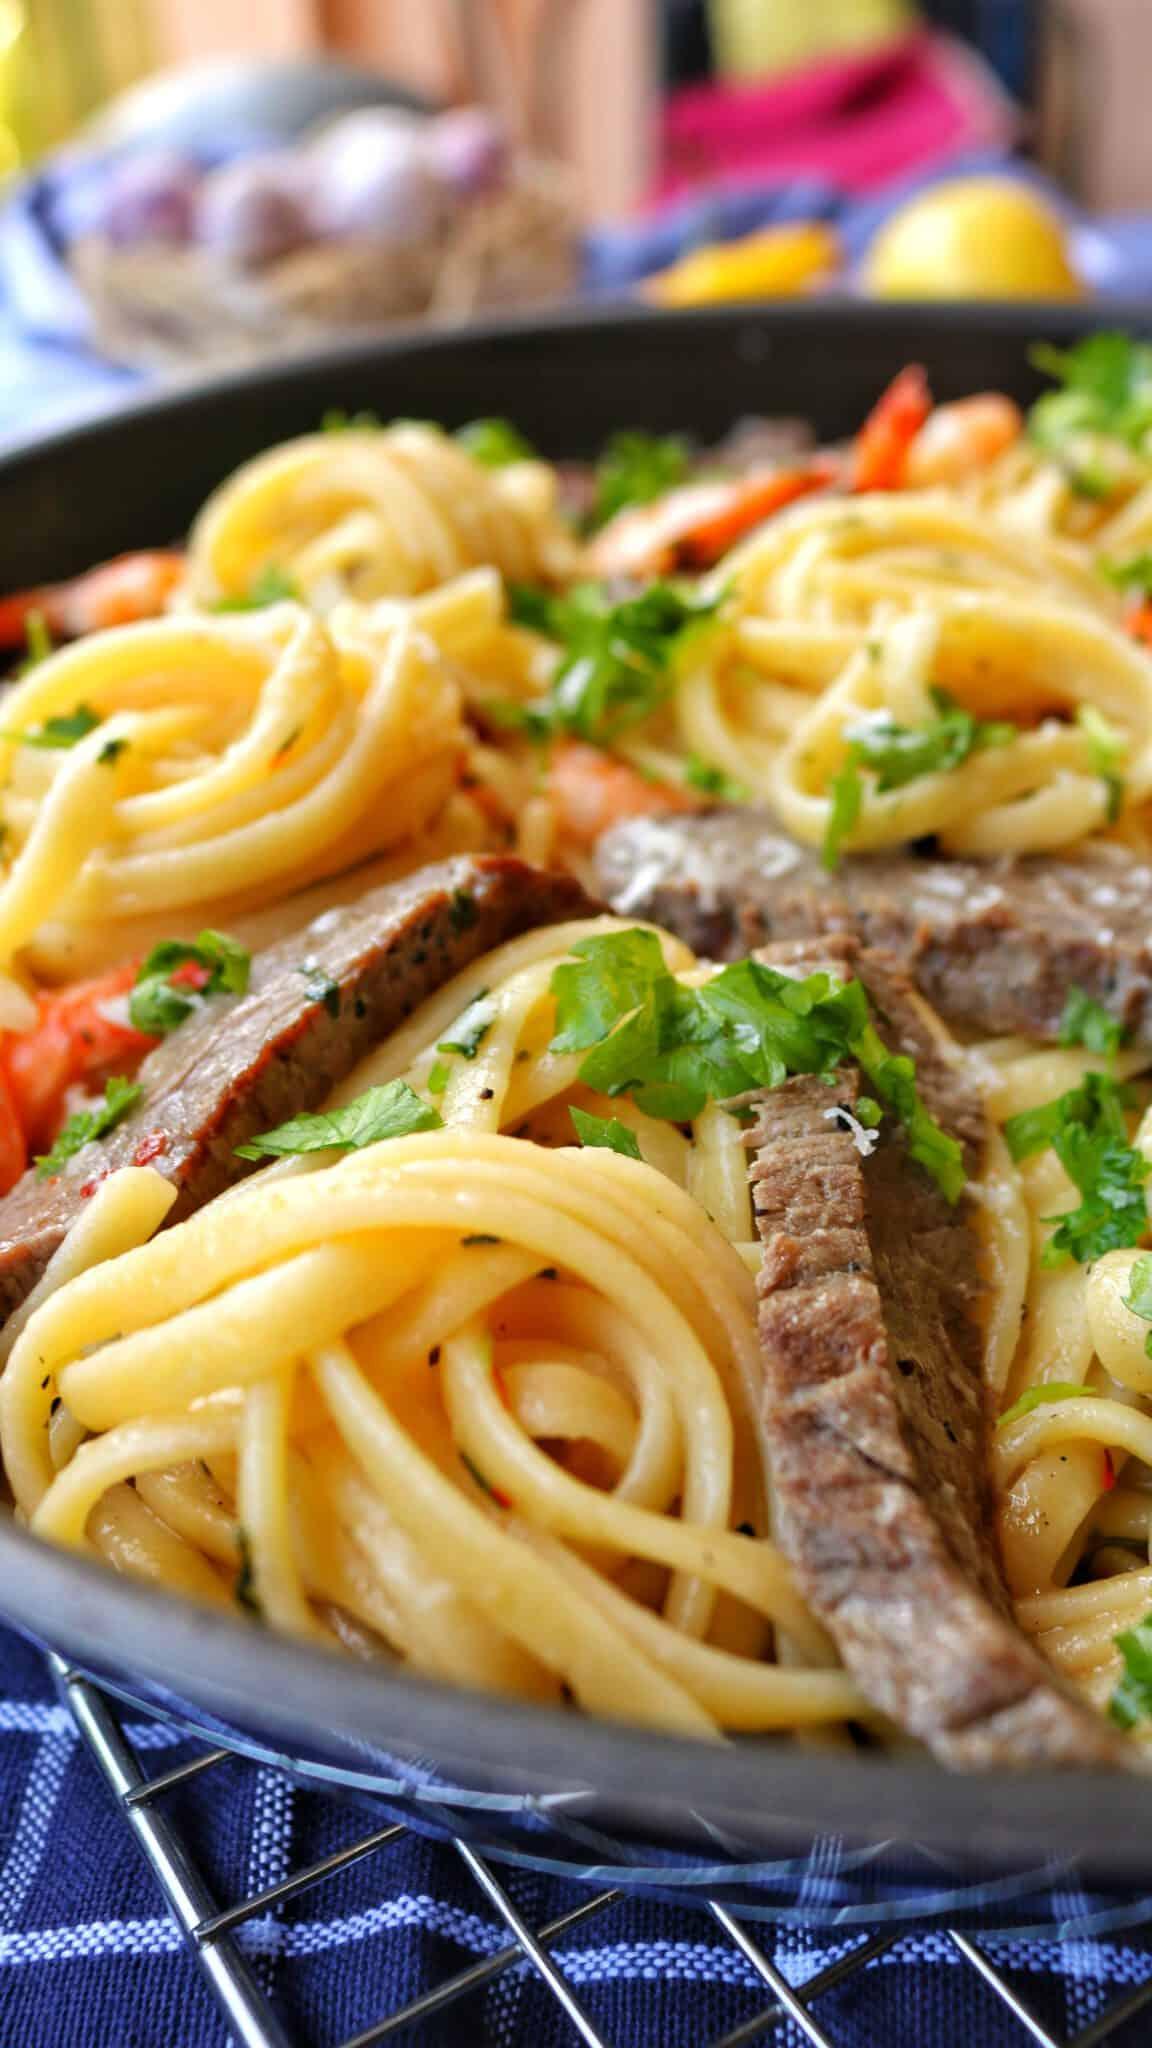 Eine Pfanne mit Spaghetti Aglio Olio mit Scampi und Steakstreifen.